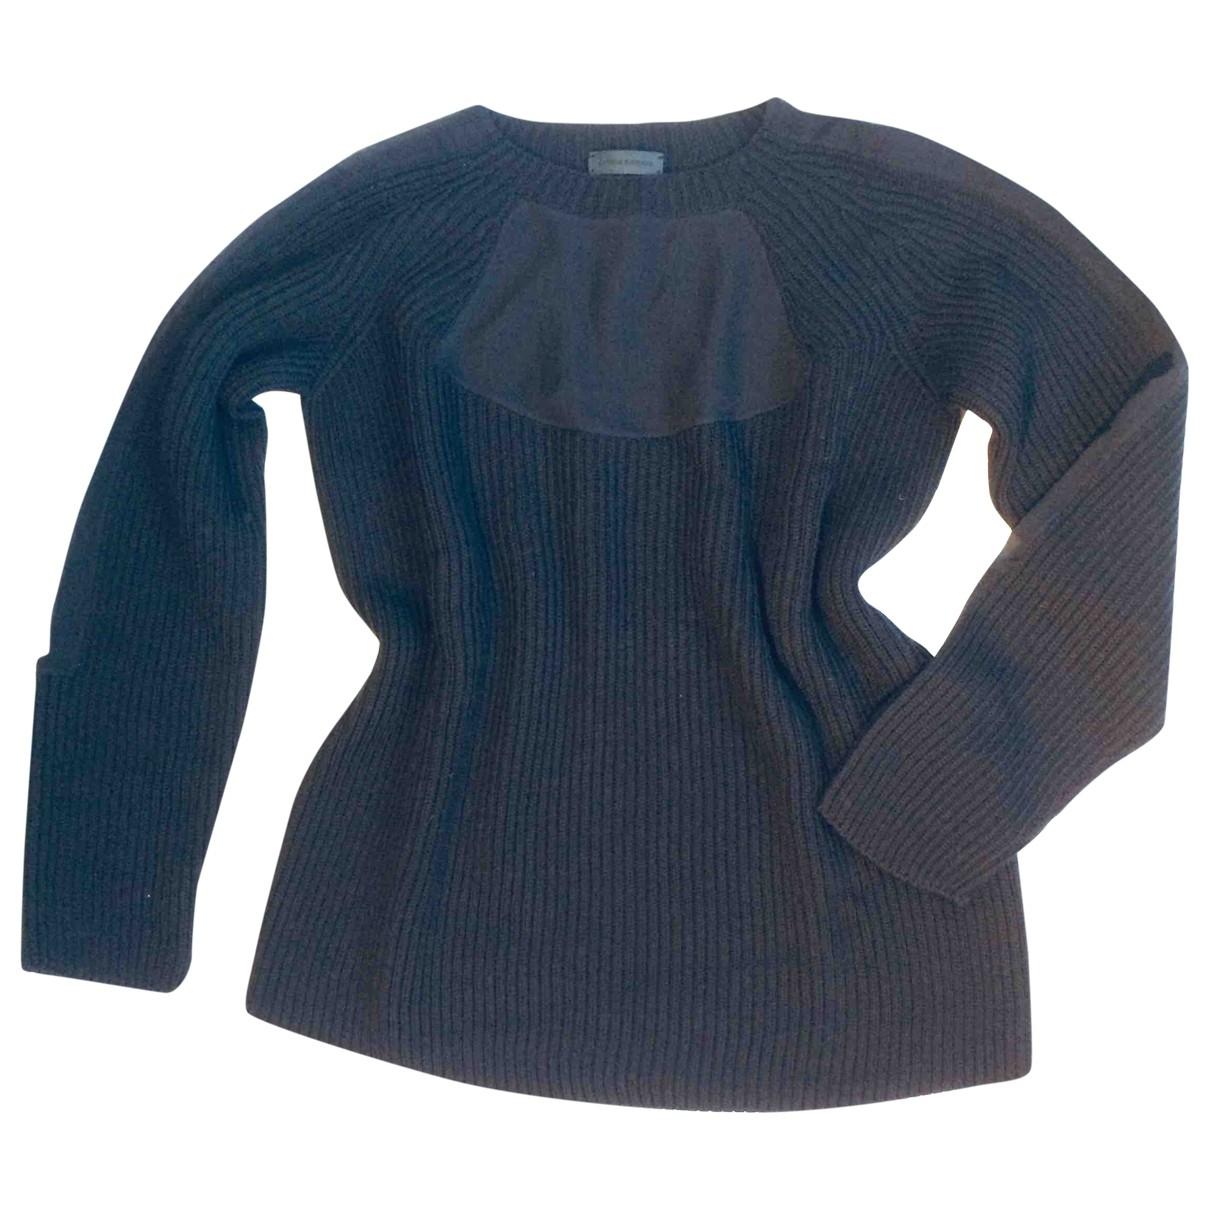 Costume National - Pull   pour femme en laine - noir